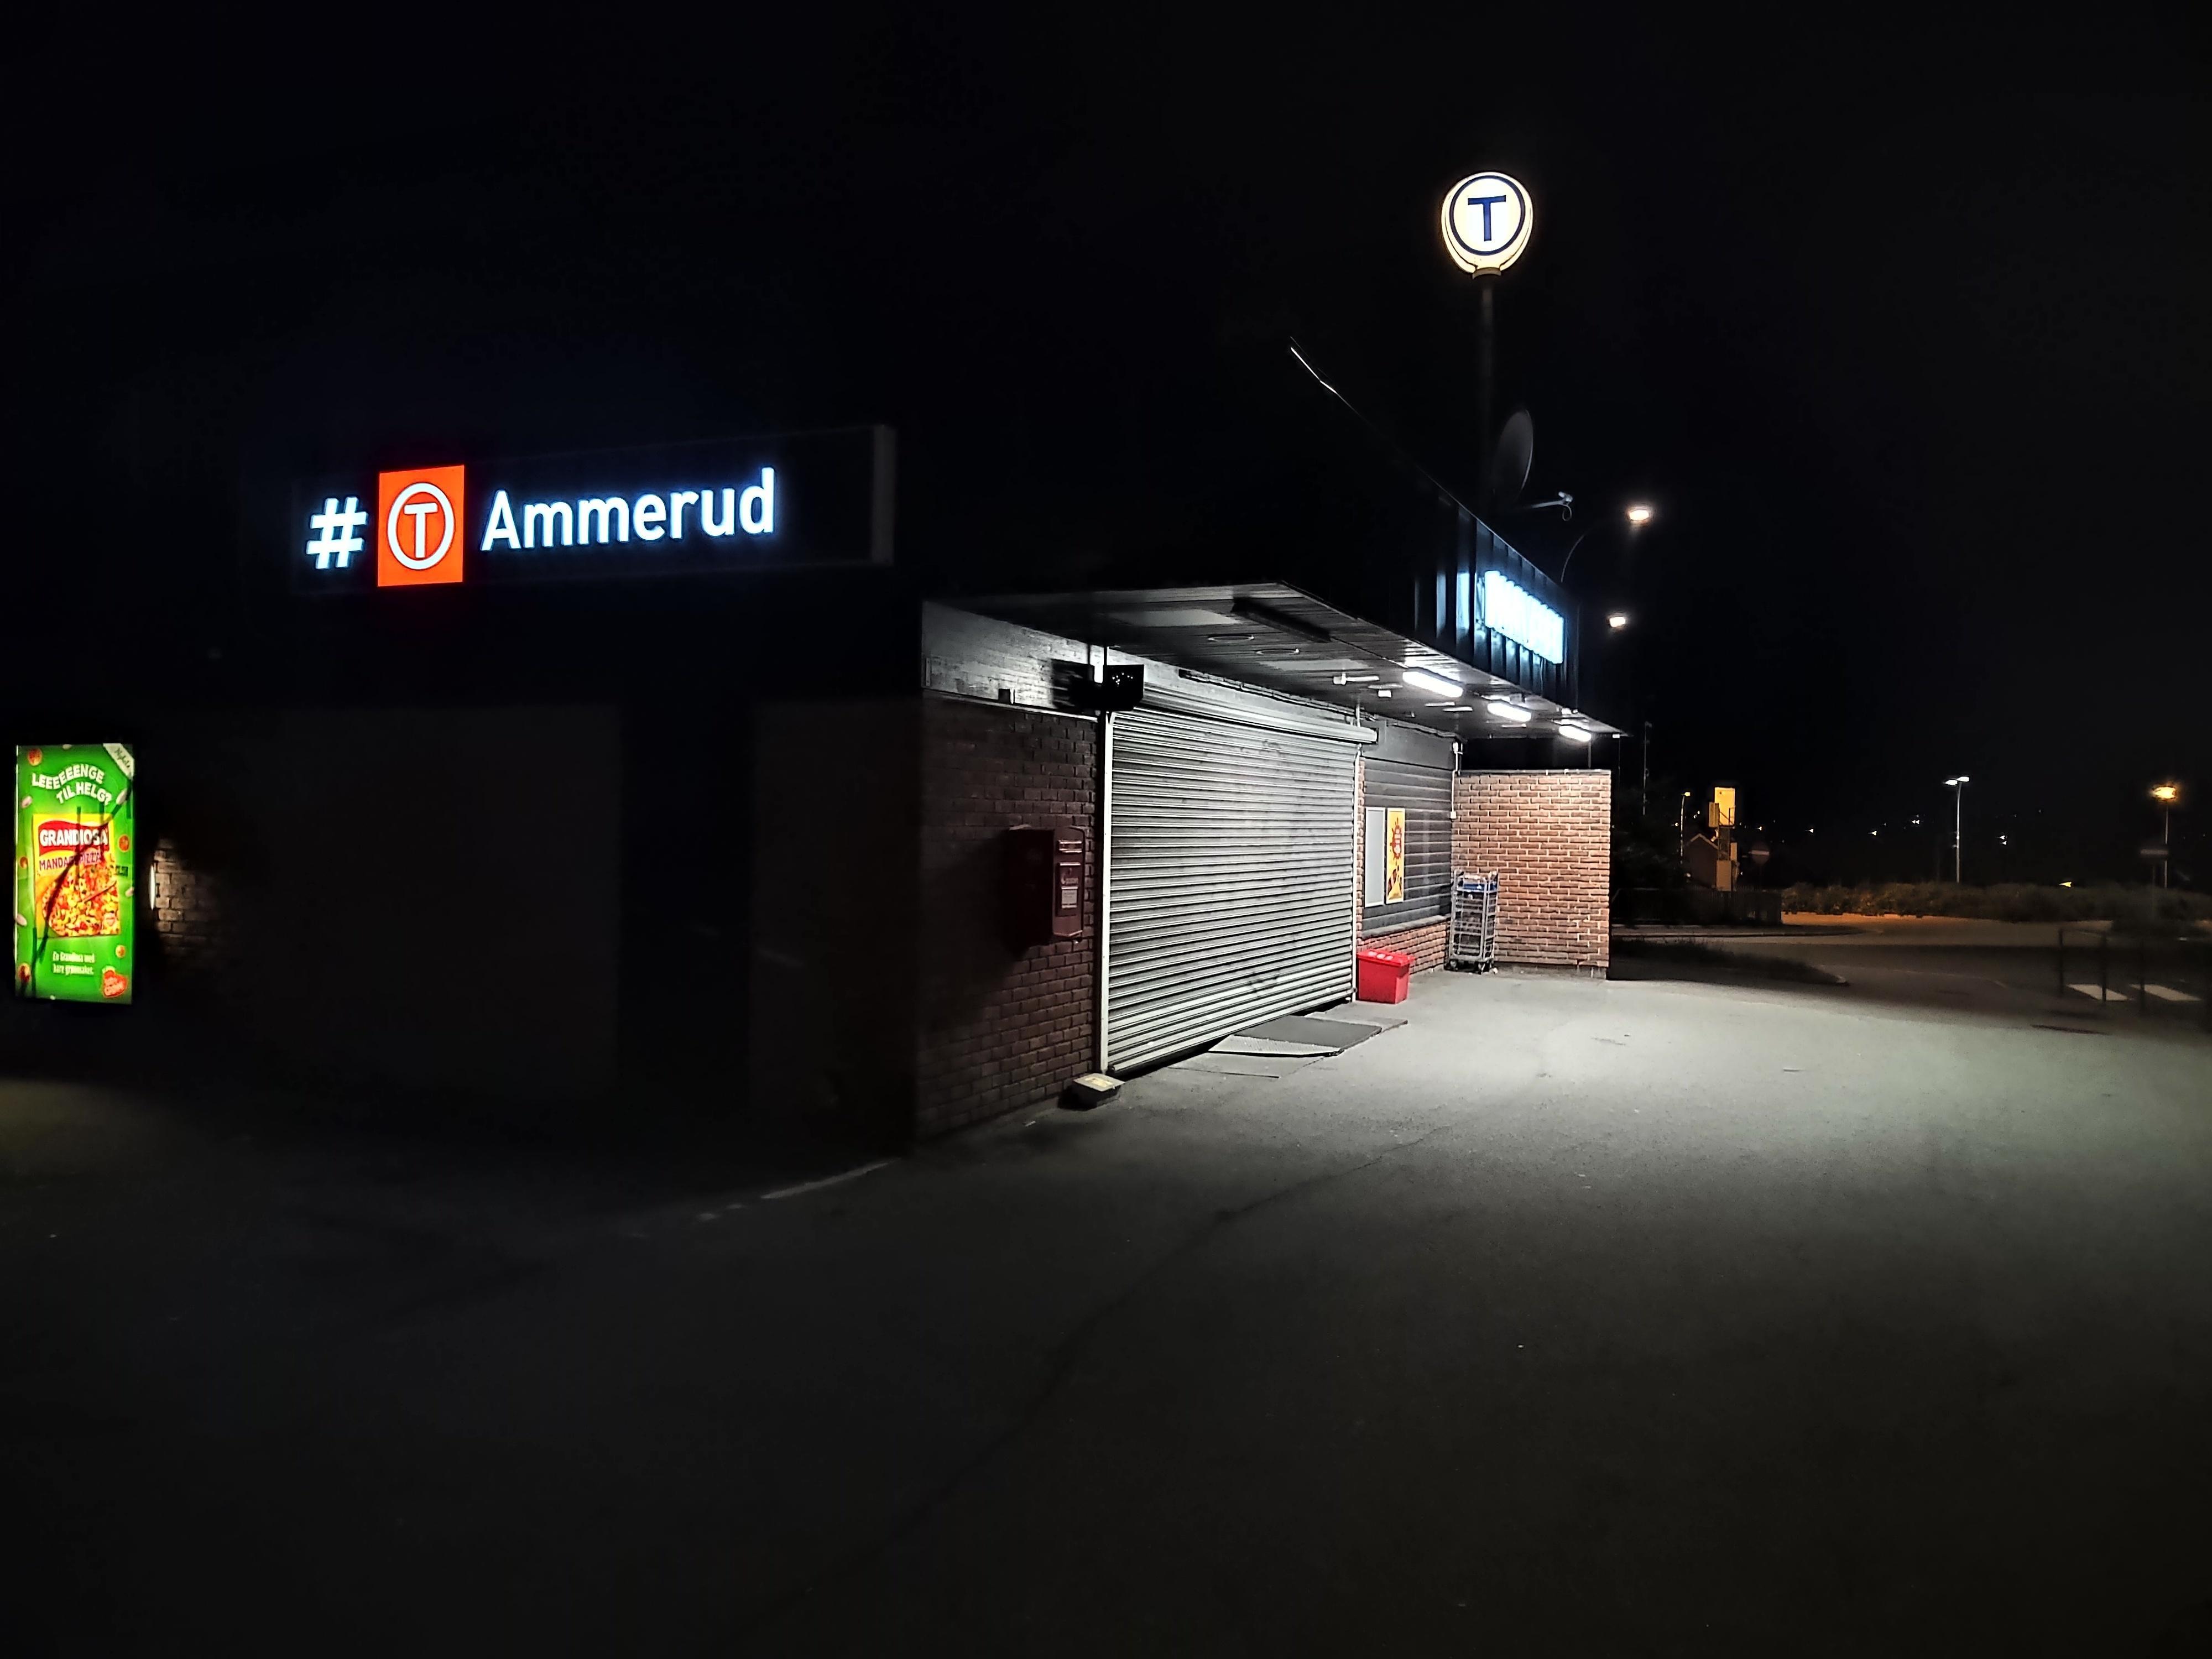 Et vanlig nattbilde tatt uten nattmodus. Disse blir som regel relativt gode.